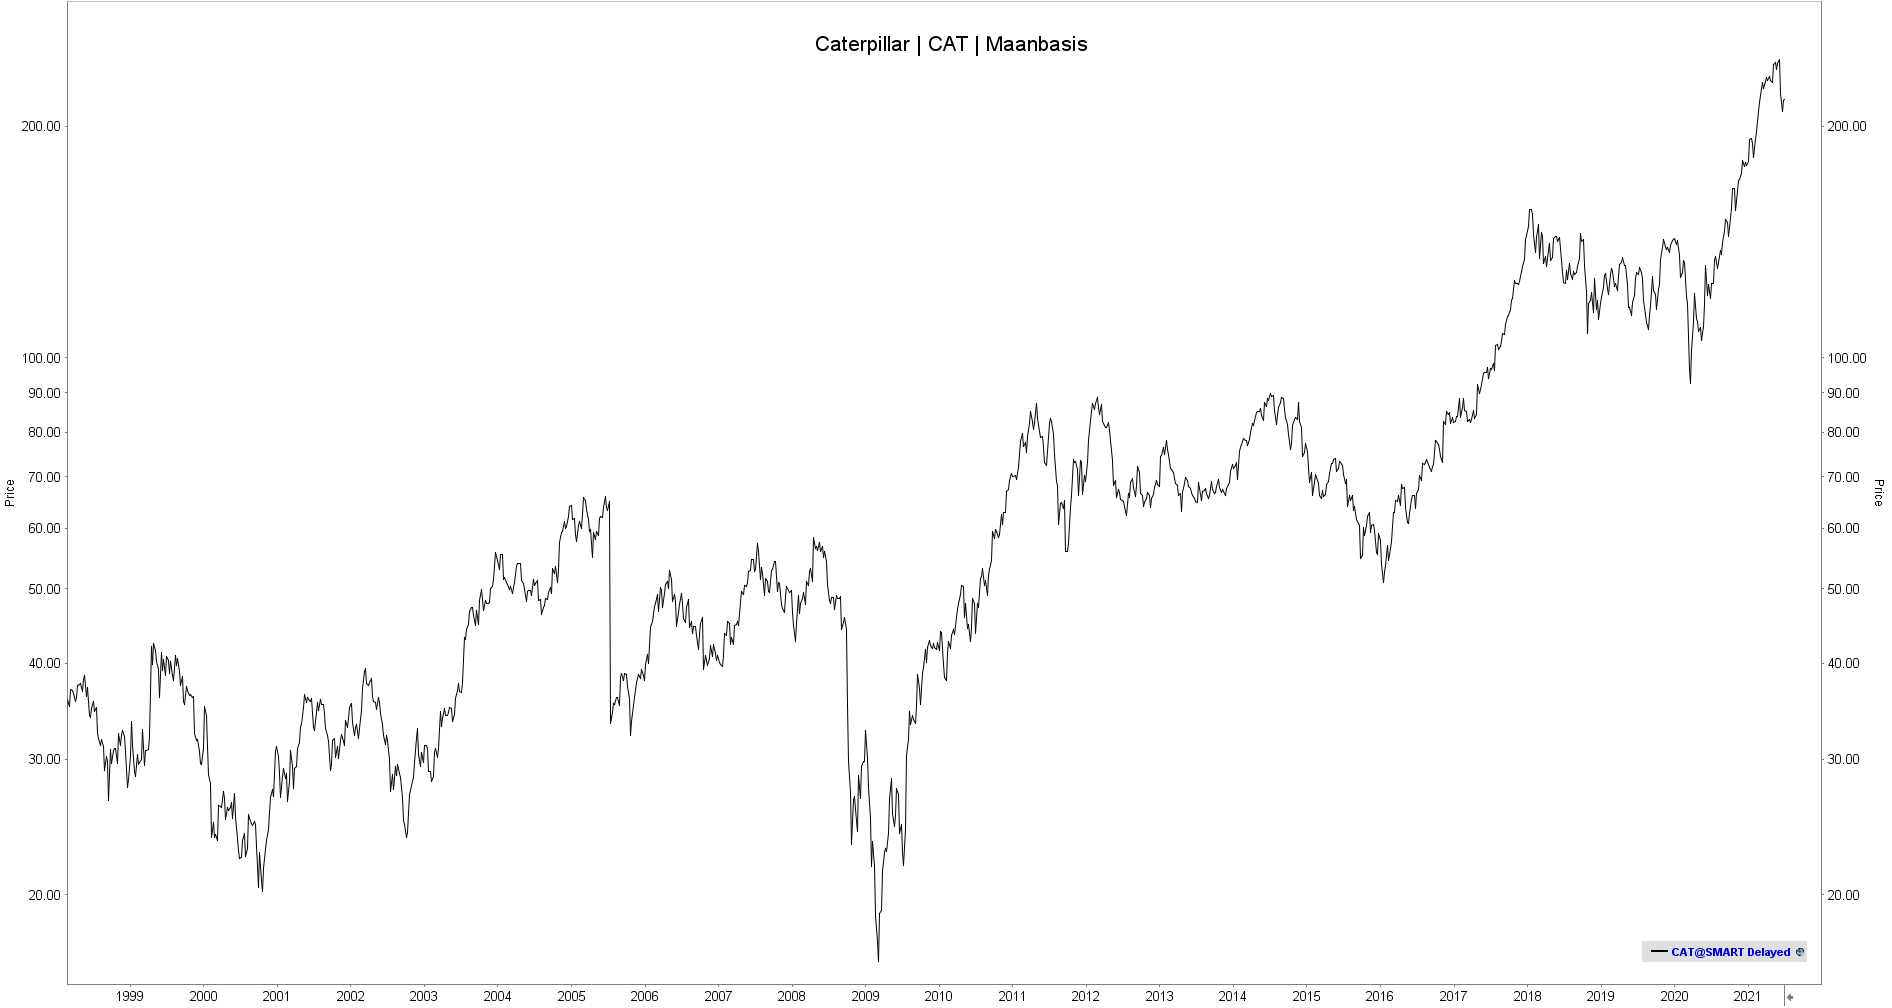 Aandeel Caterpillar   Caterpillar koers   Beleggen in Caterpillar   Koers aandeel Caterpillar   NYSE CAT